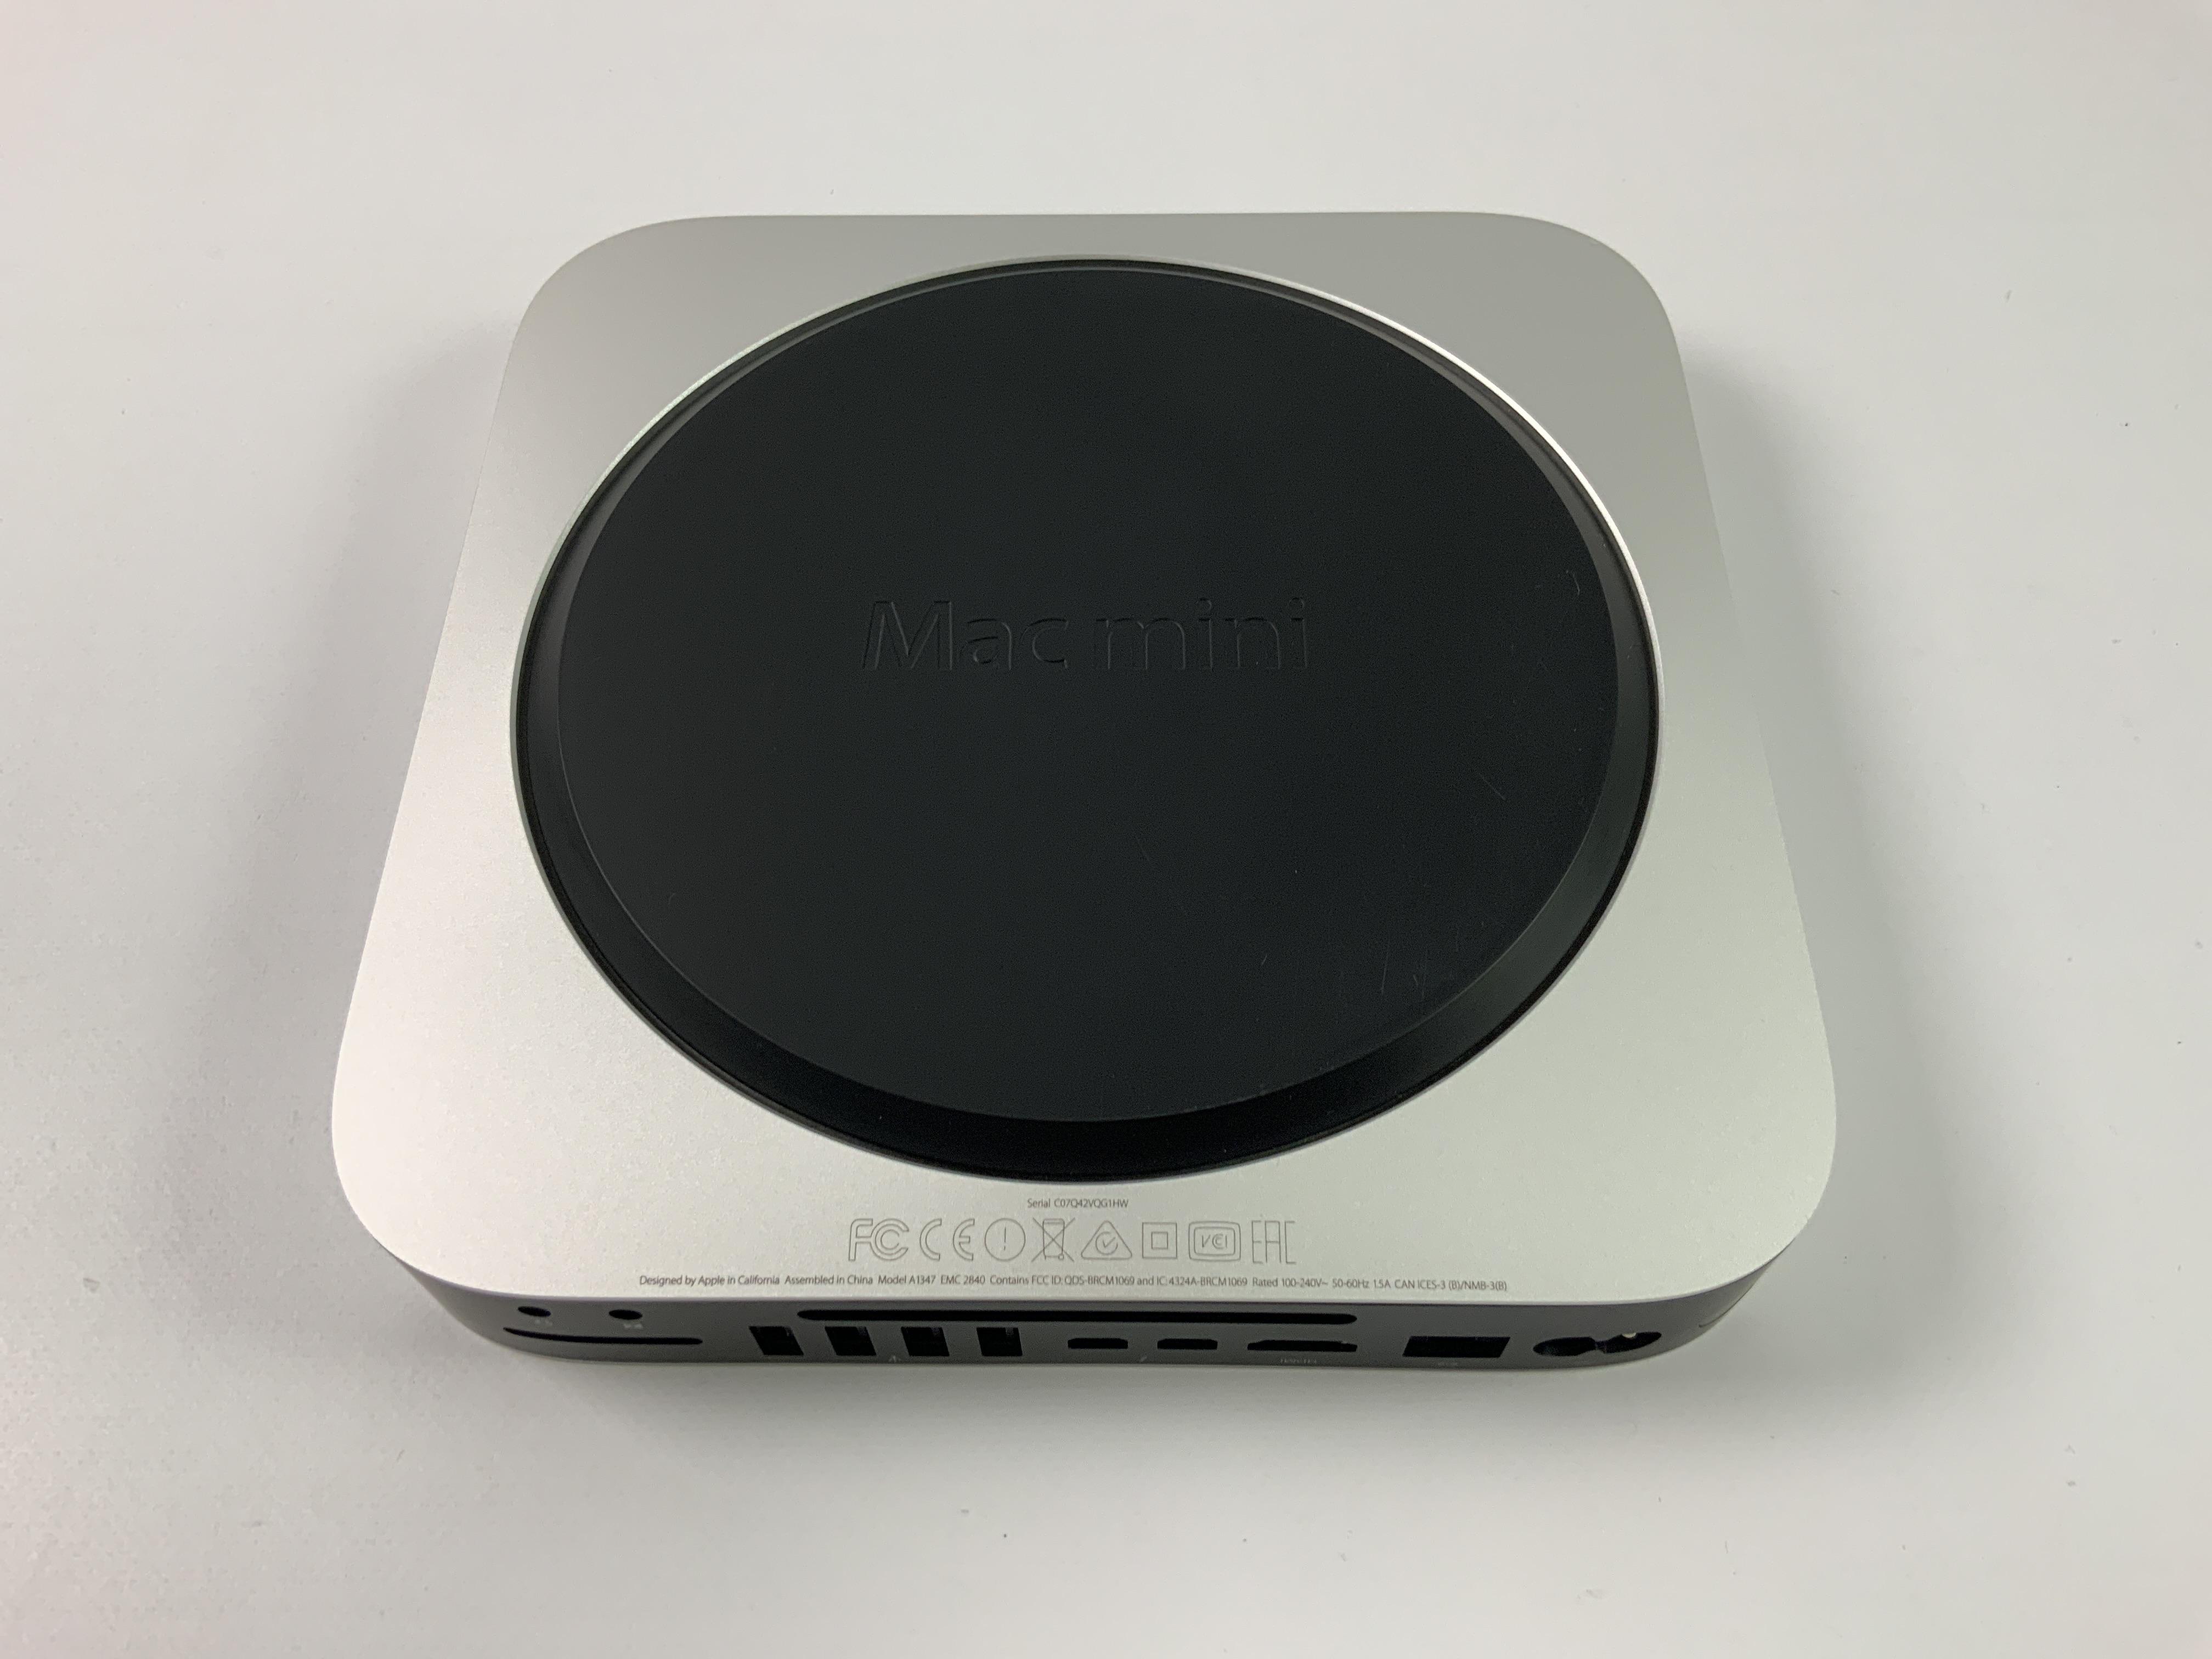 Mac Mini Late 2014 (Intel Core i5 2.6 GHz 8 GB RAM 256 GB SSD), Intel Core i5 2.6 GHz, 8 GB RAM, 256 GB SSD(third party), Bild 2